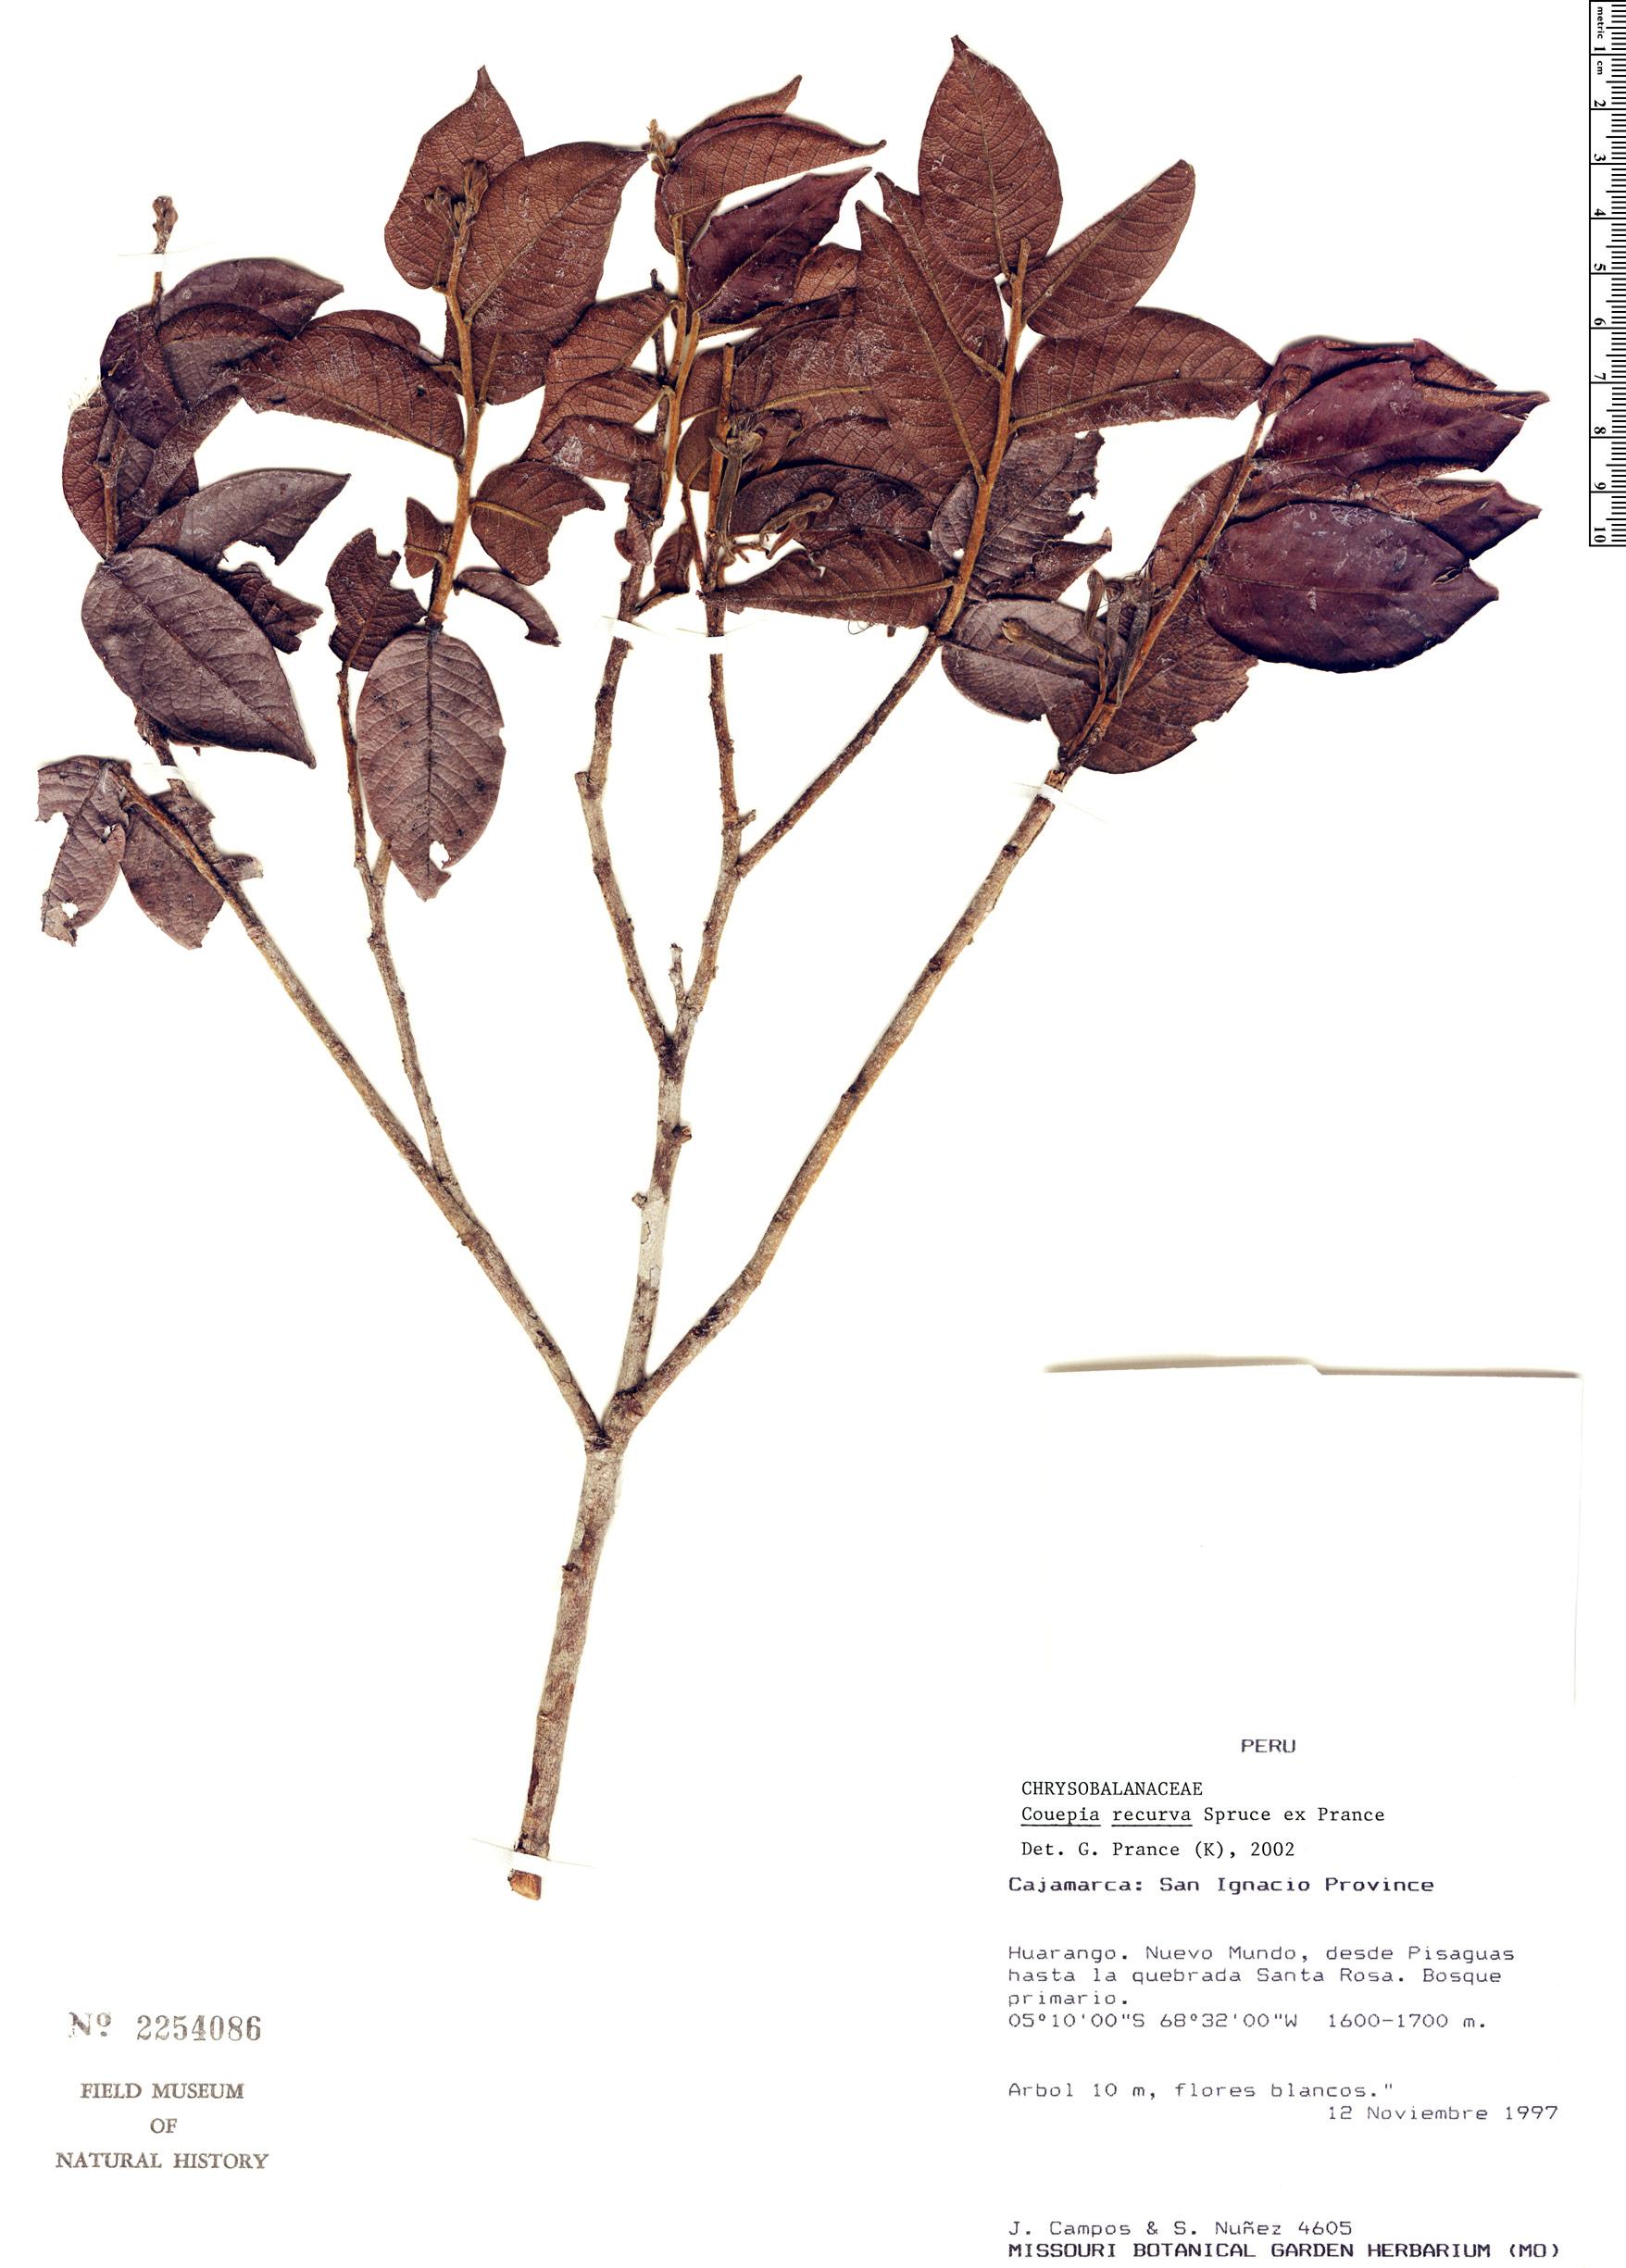 Espécimen: Couepia recurva